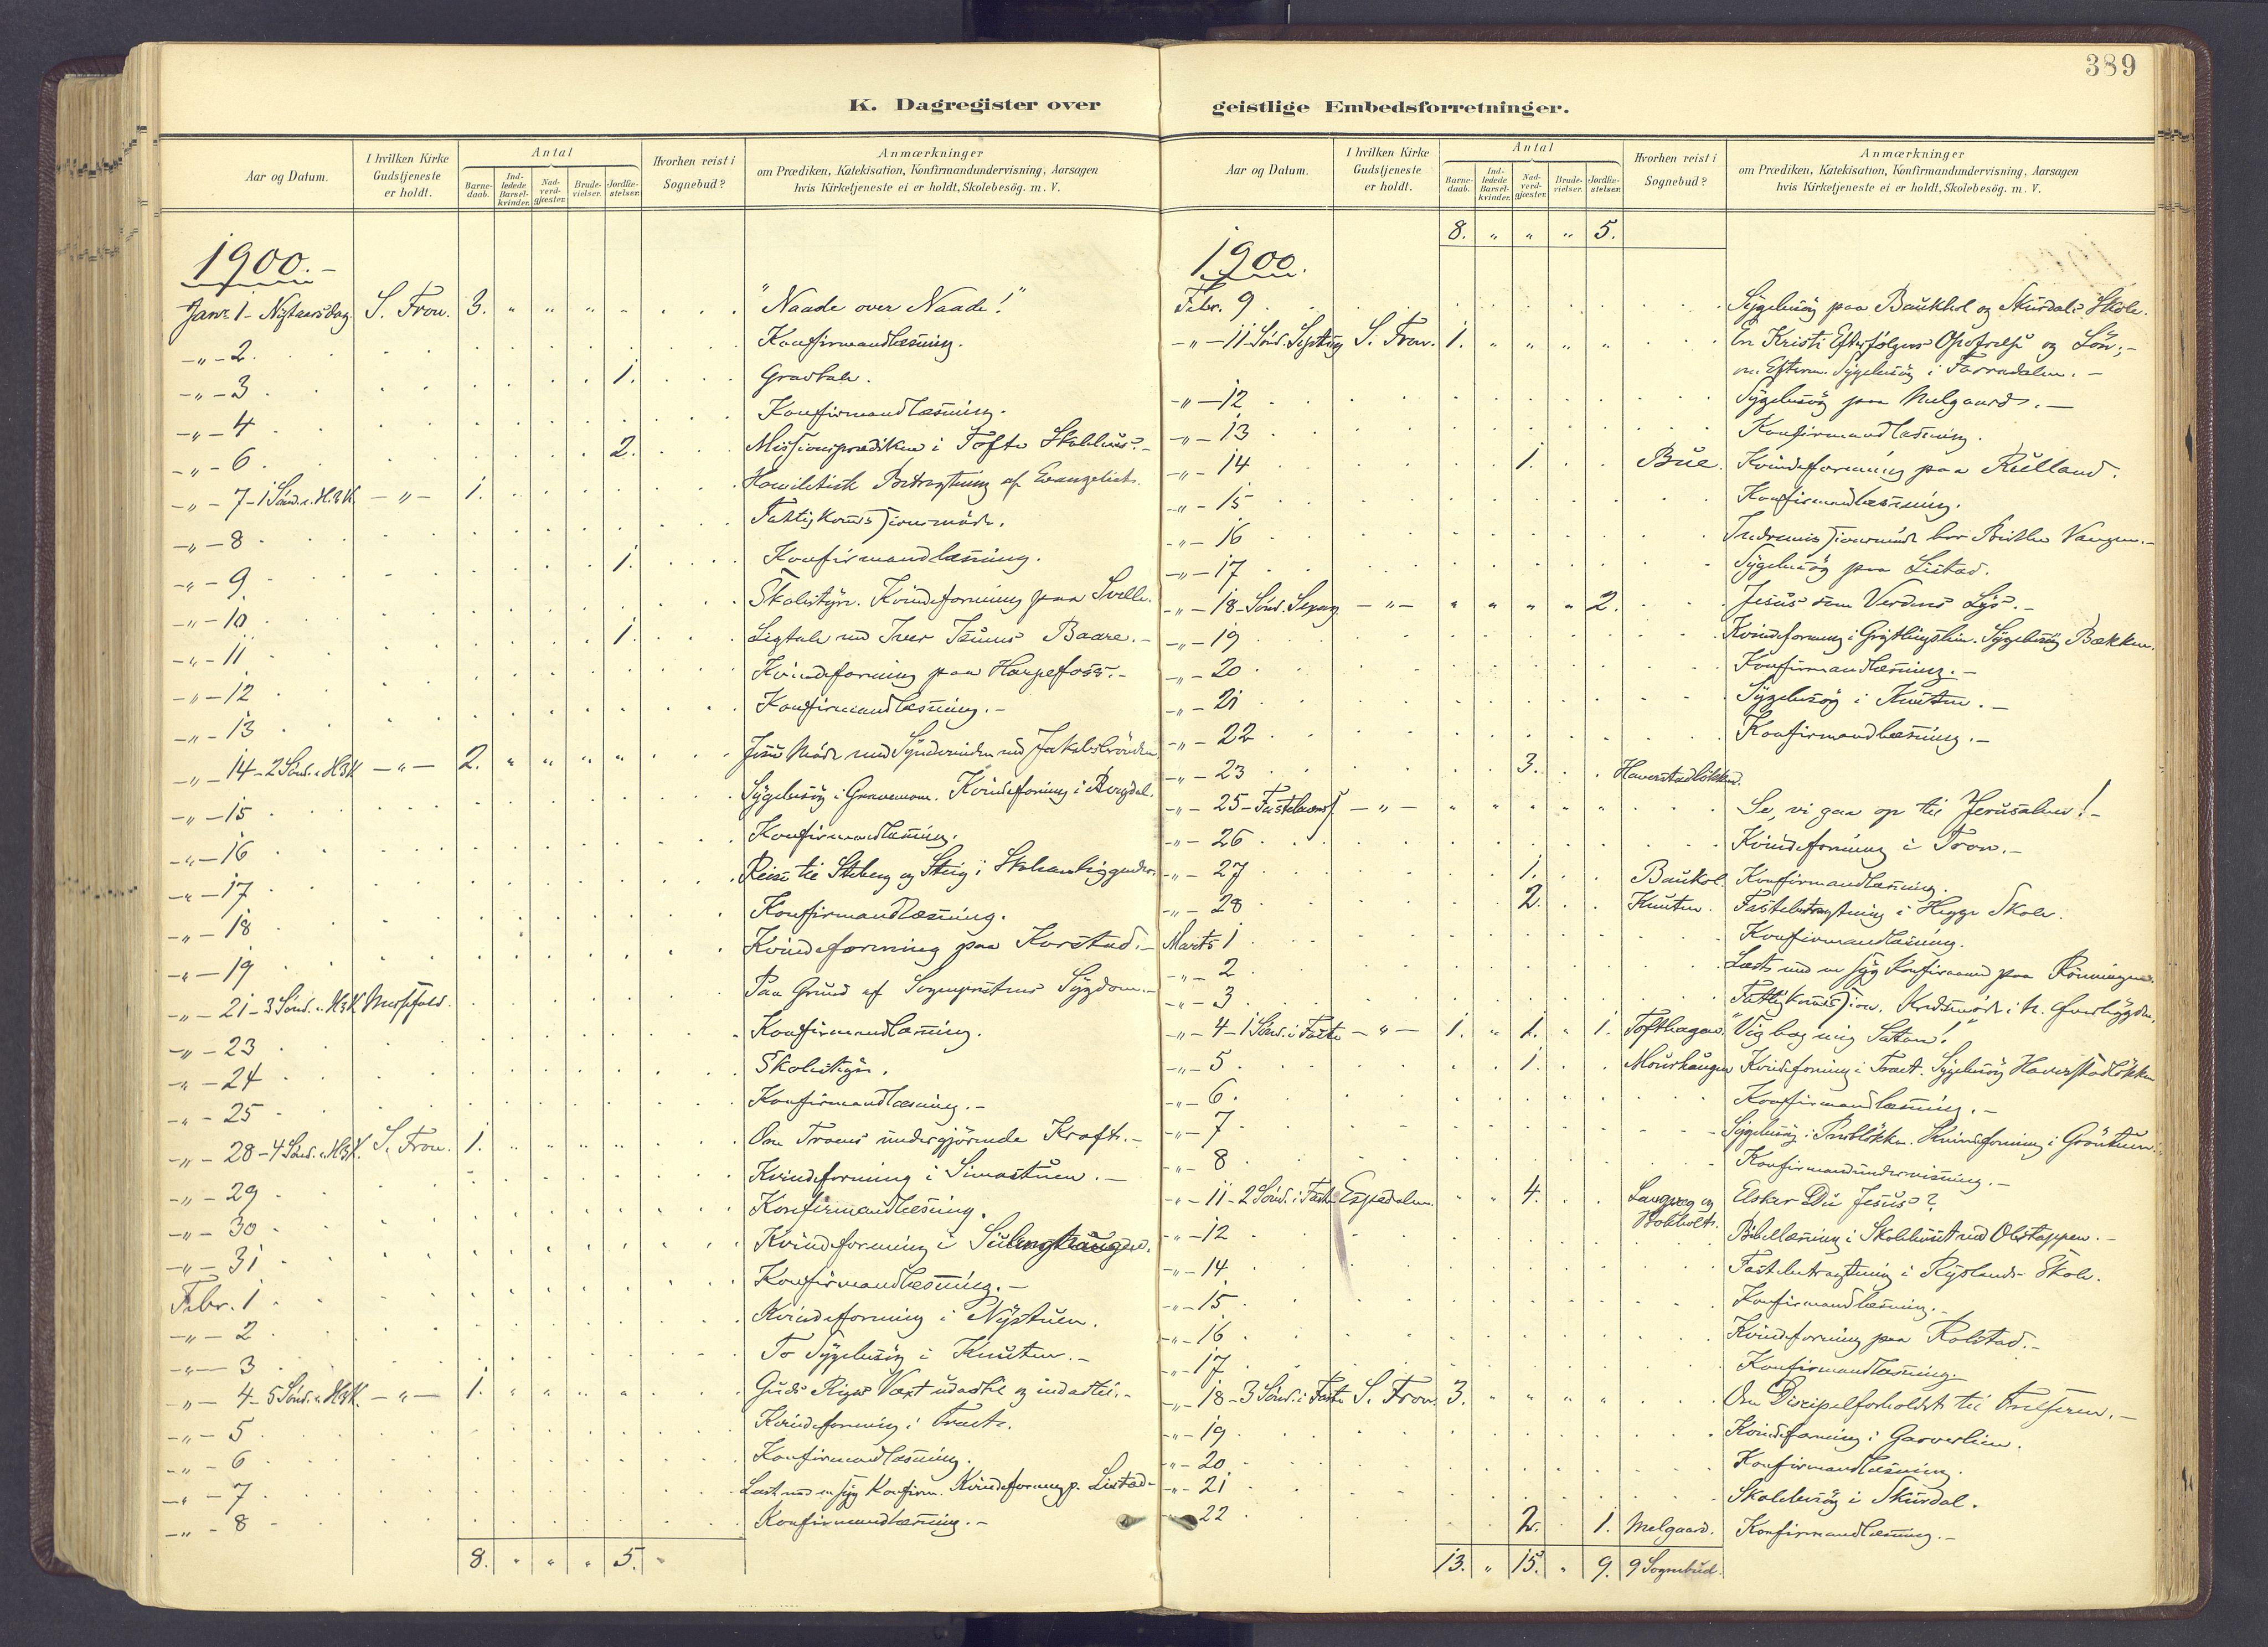 SAH, Sør-Fron prestekontor, H/Ha/Haa/L0004: Ministerialbok nr. 4, 1898-1919, s. 389